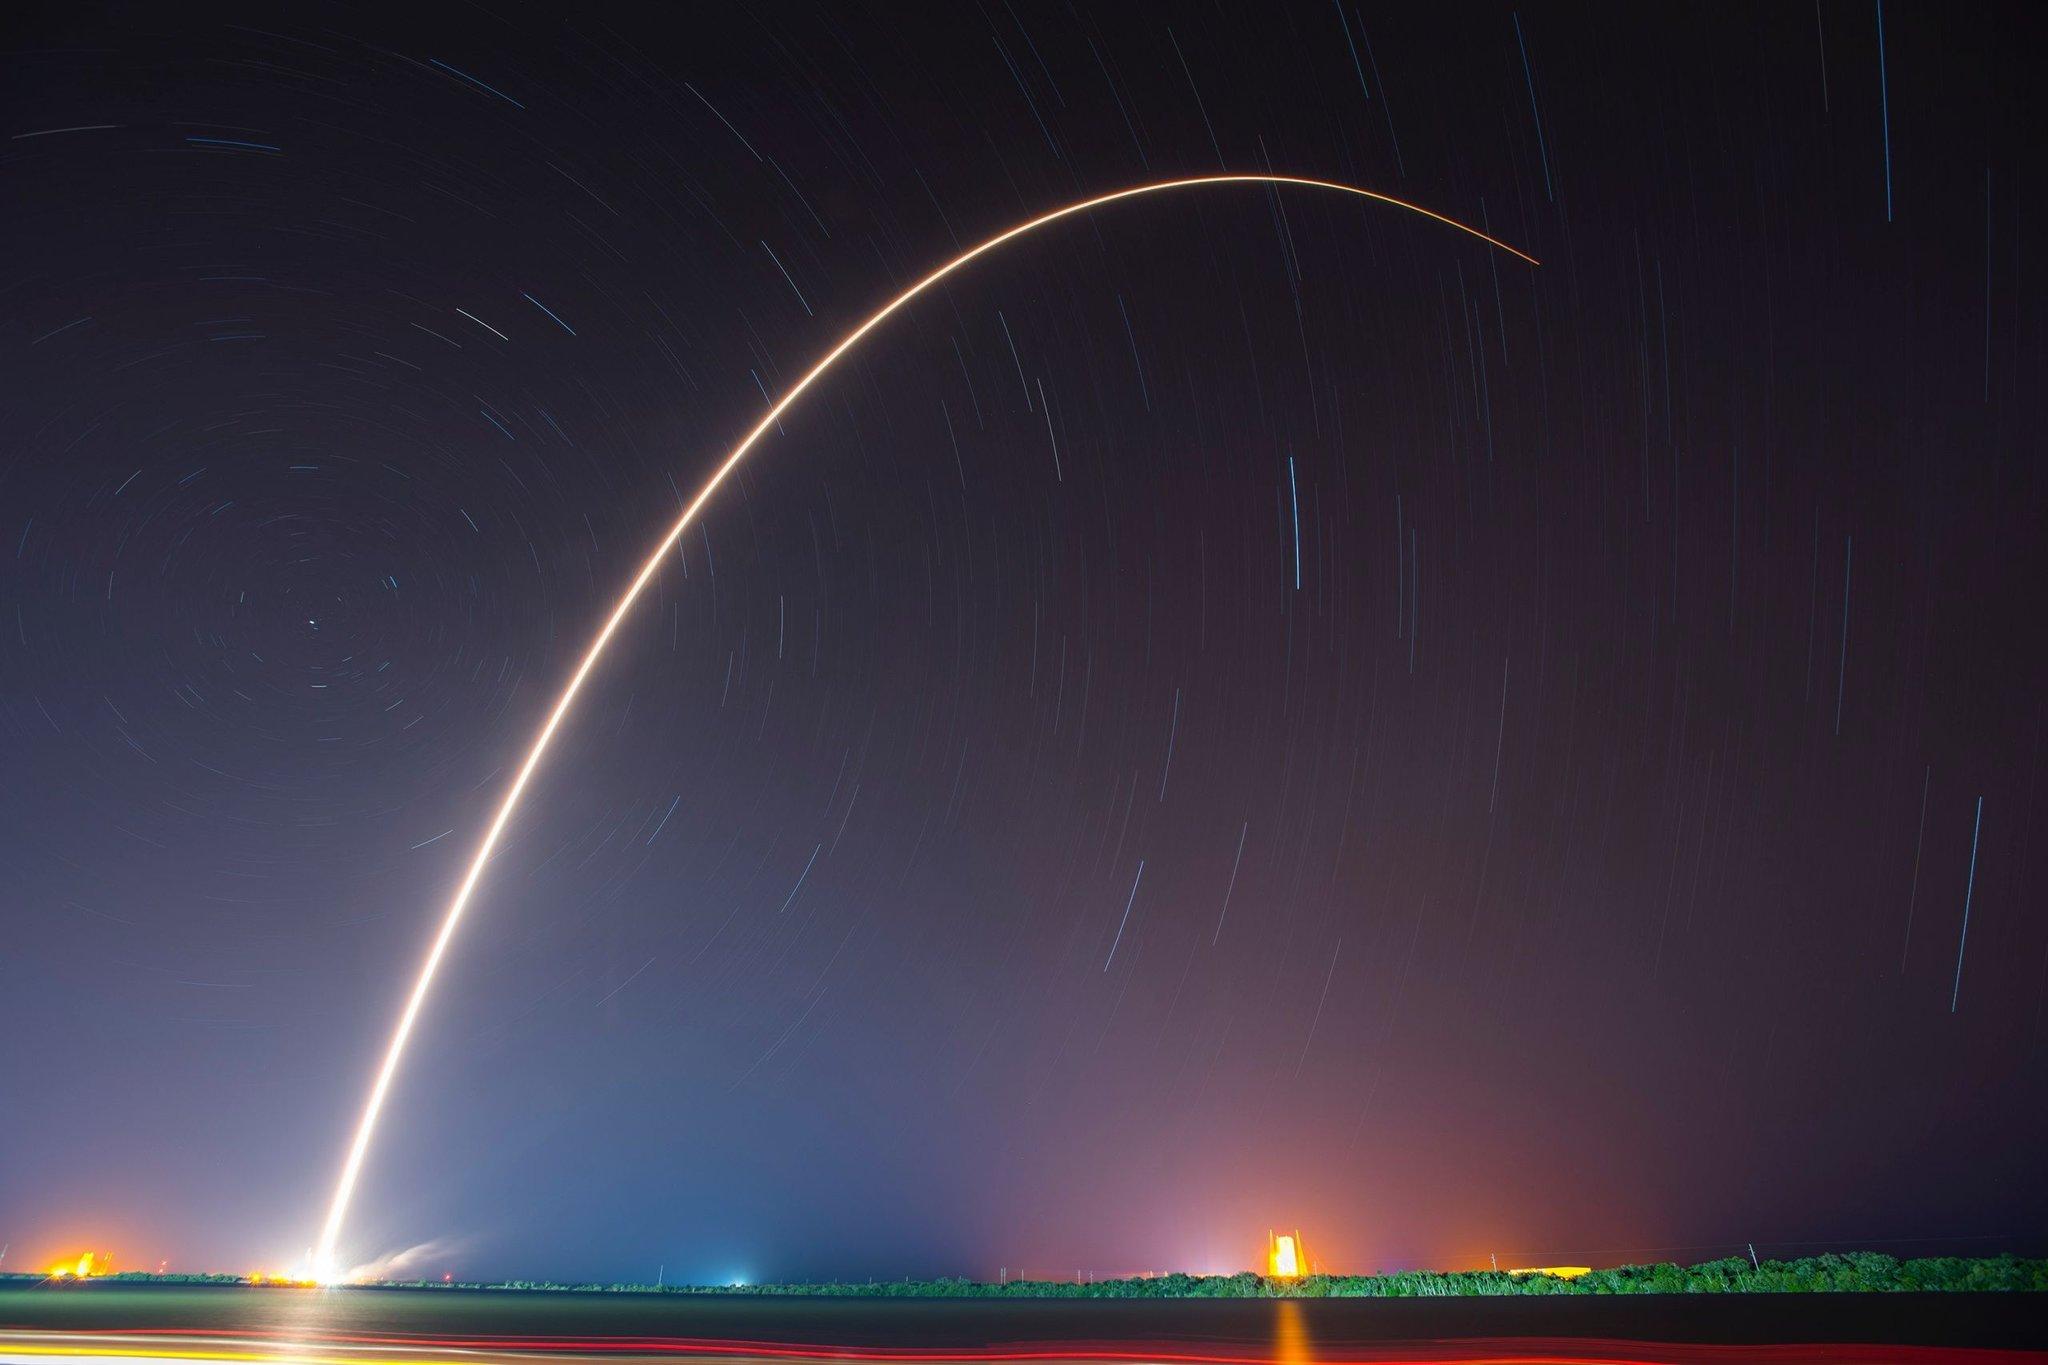 След от ракеты